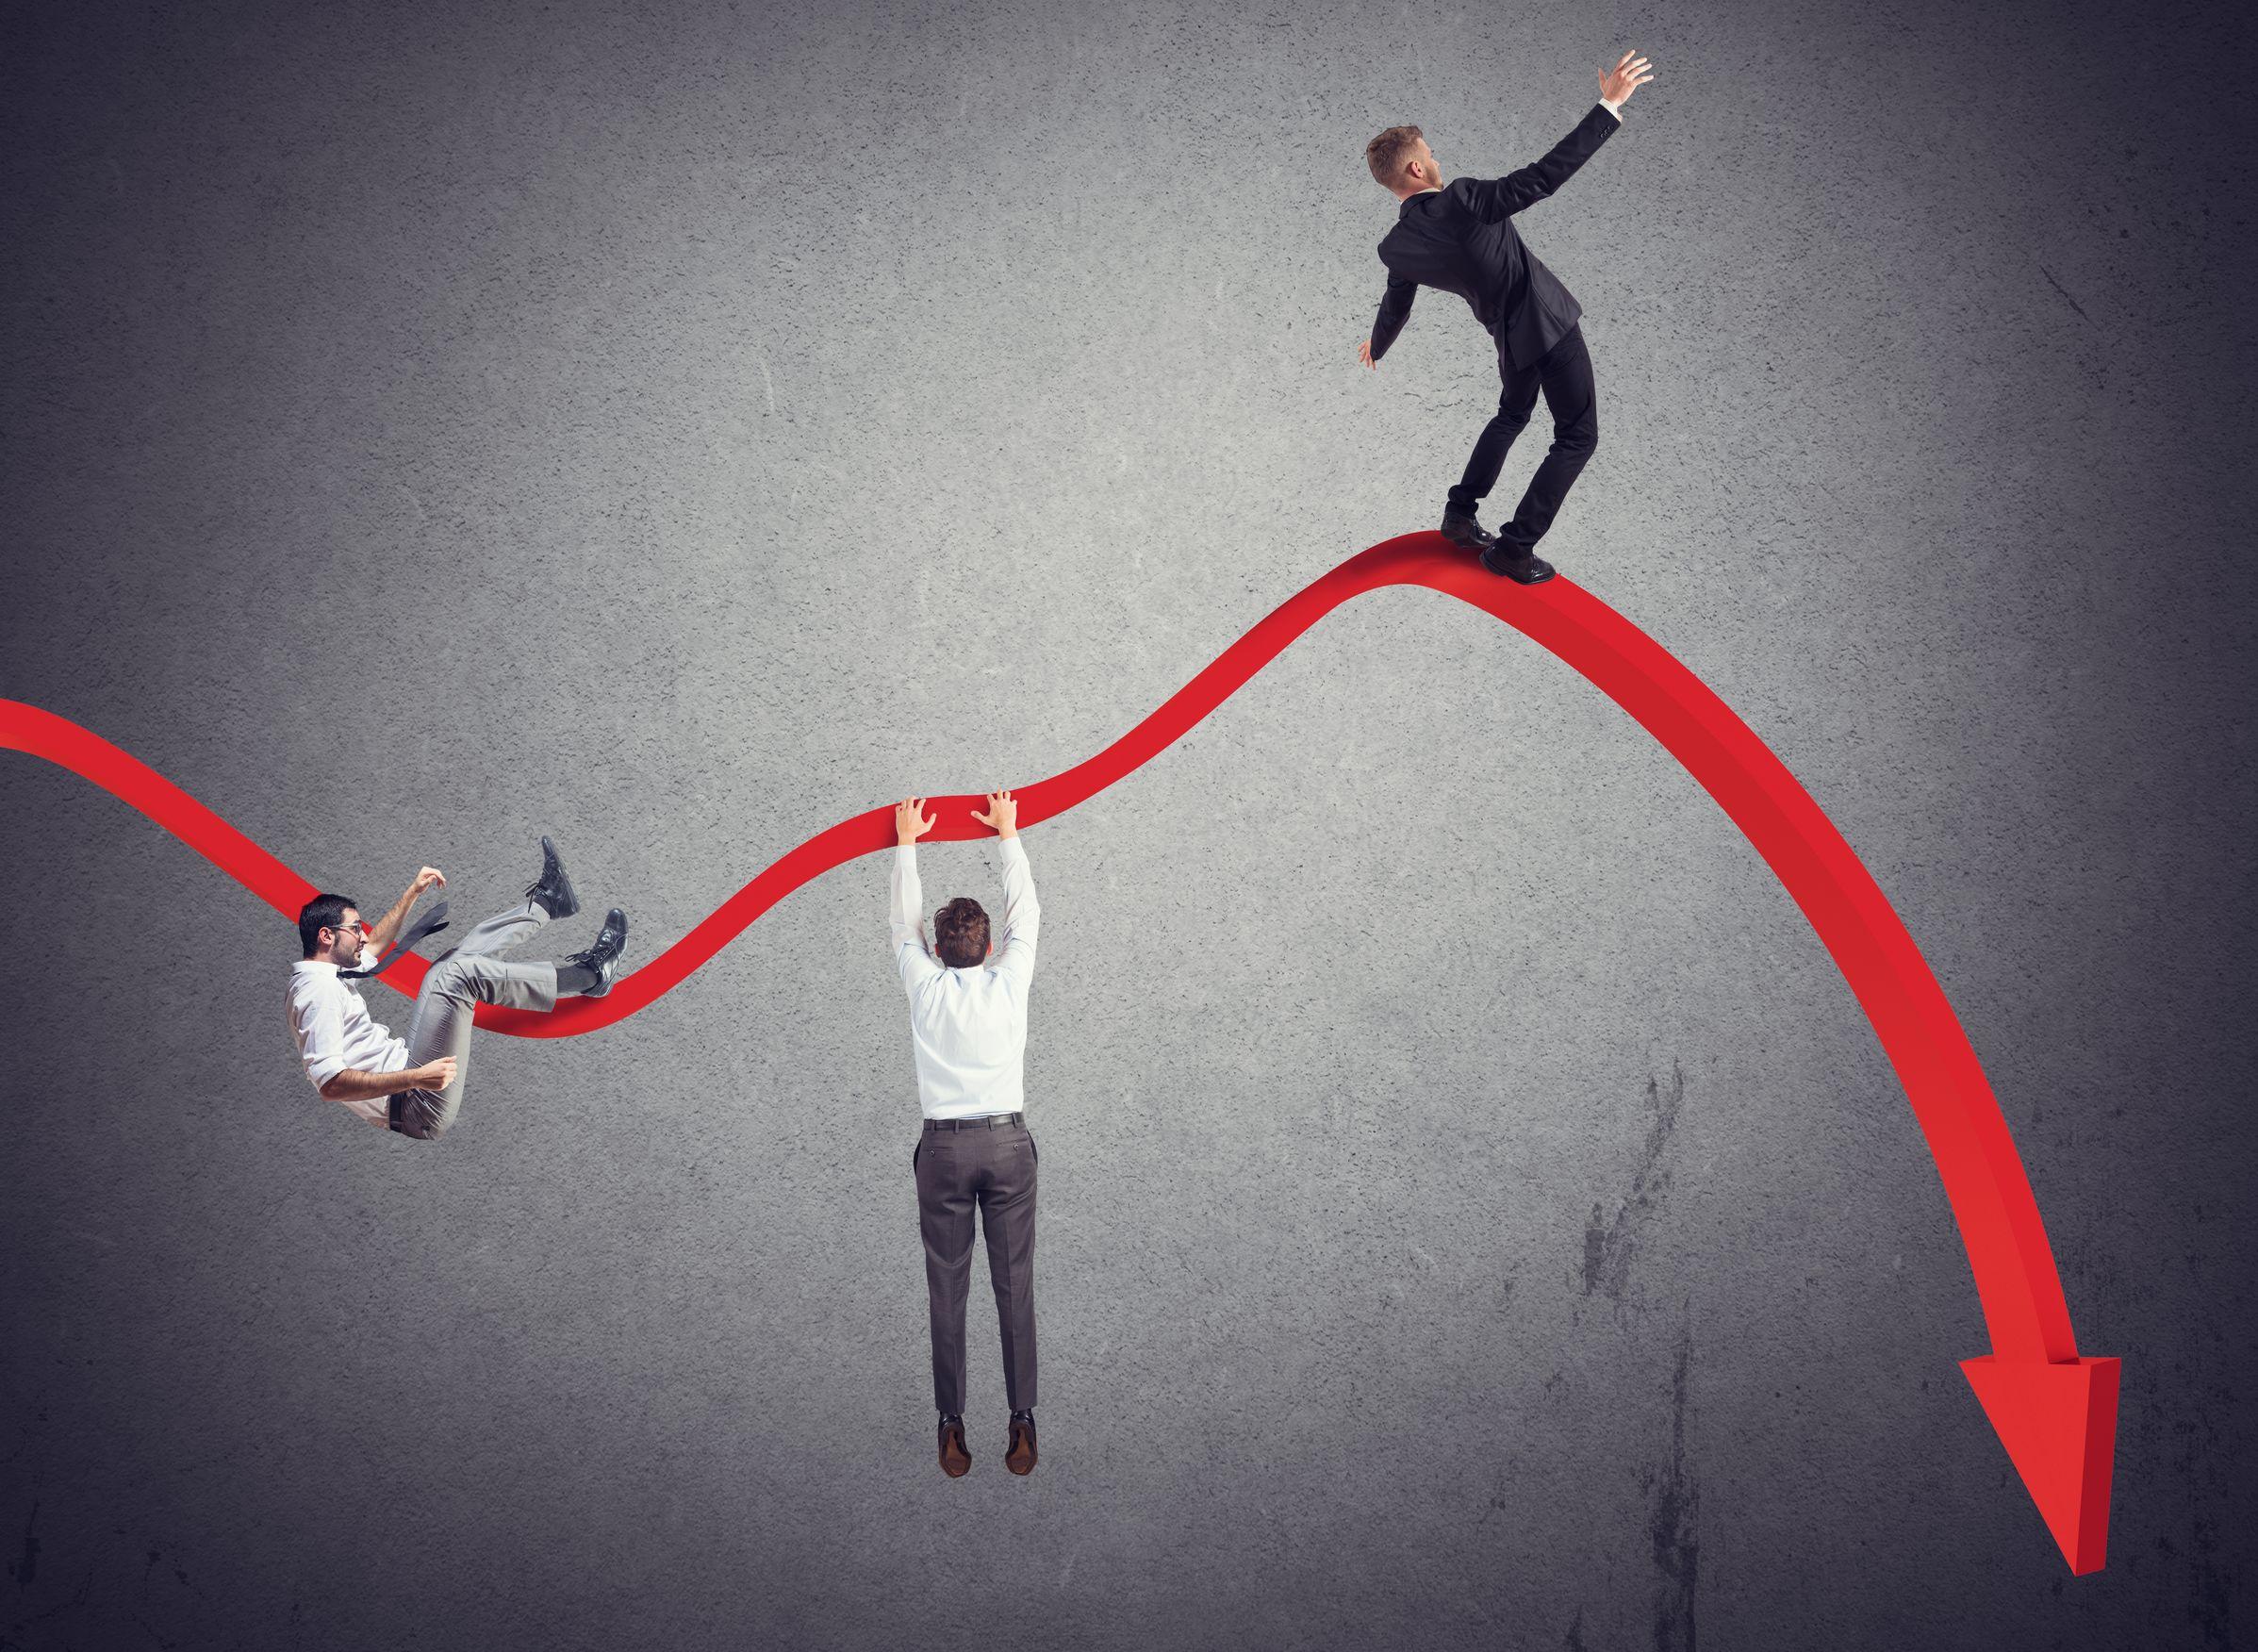 Allerta sulla crisi d'impresa: a rischio otto società su 100